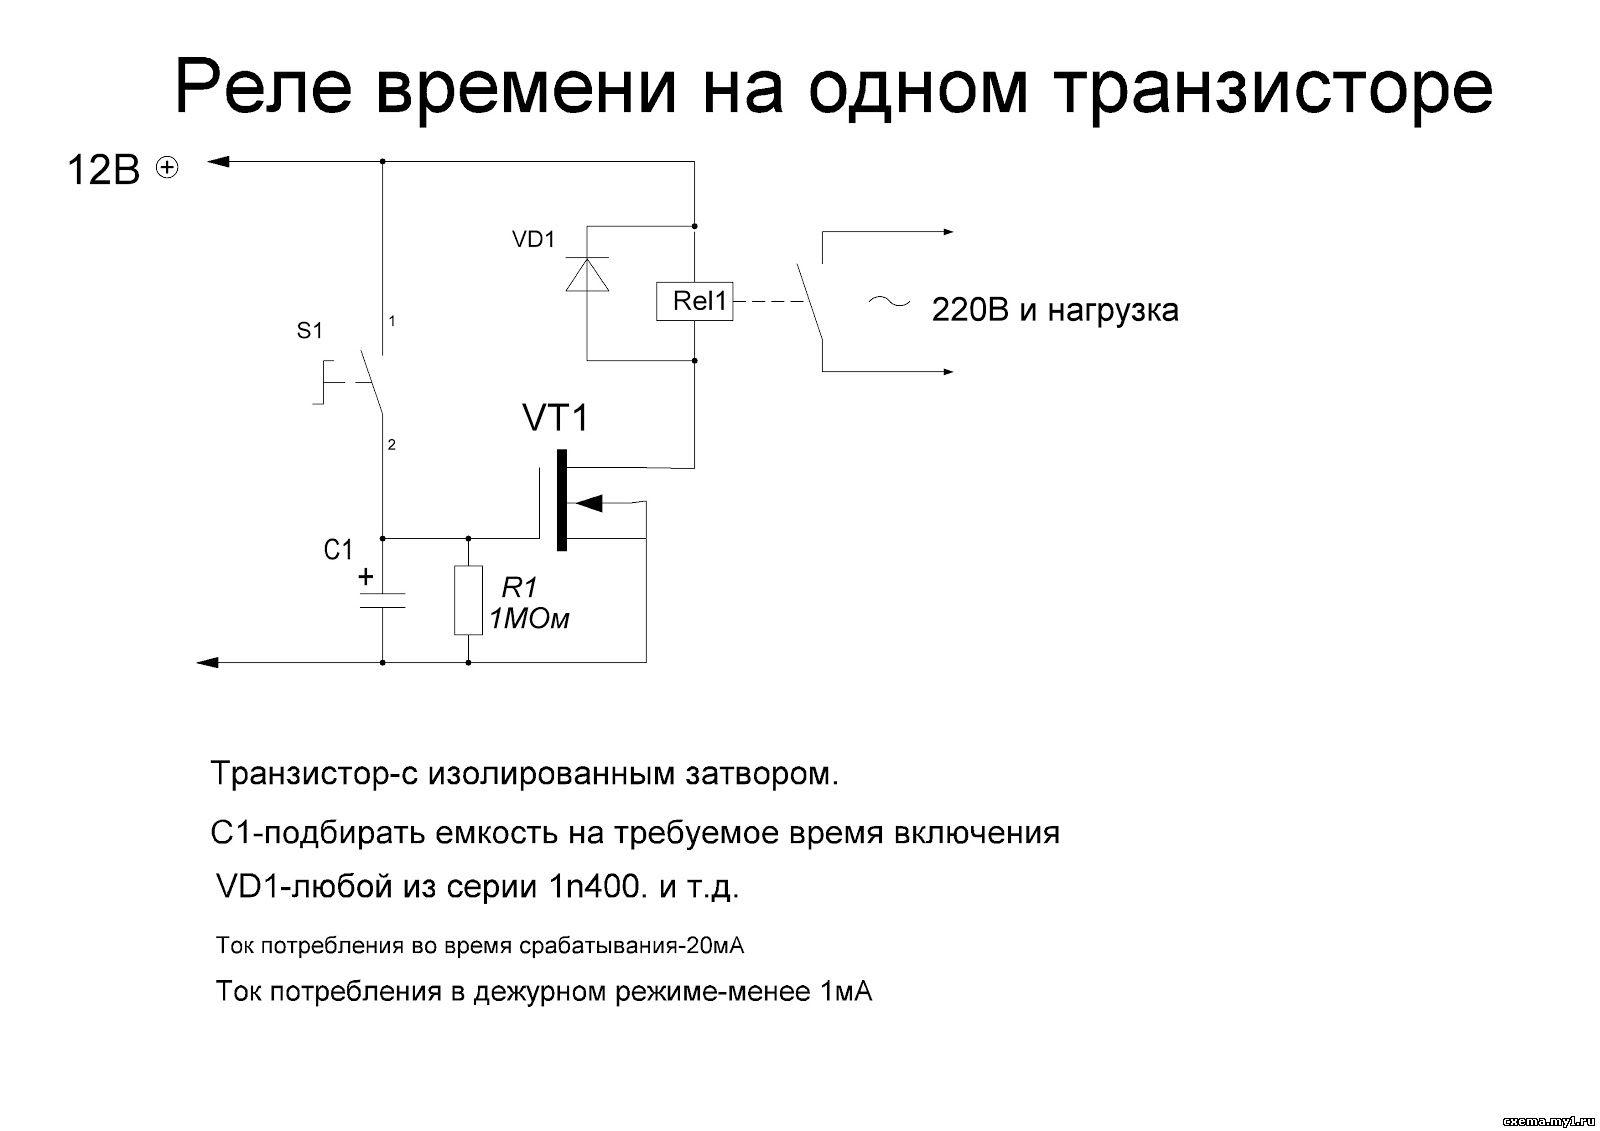 Схема реле времени на схеме